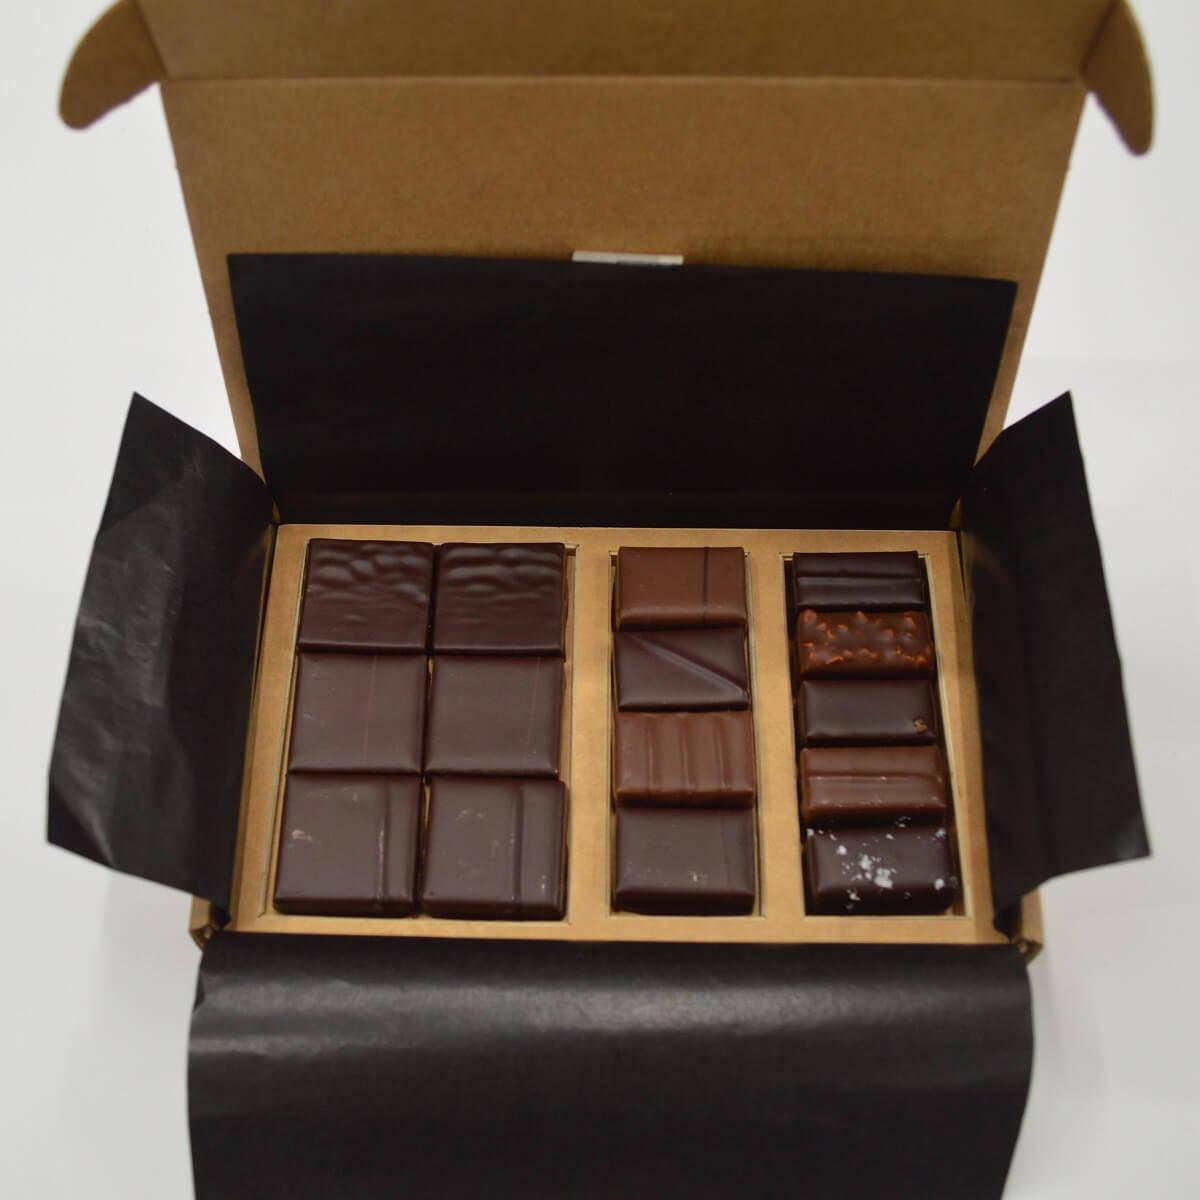 フランス ブランド ル・ショコラ・アラン・デュカス商品